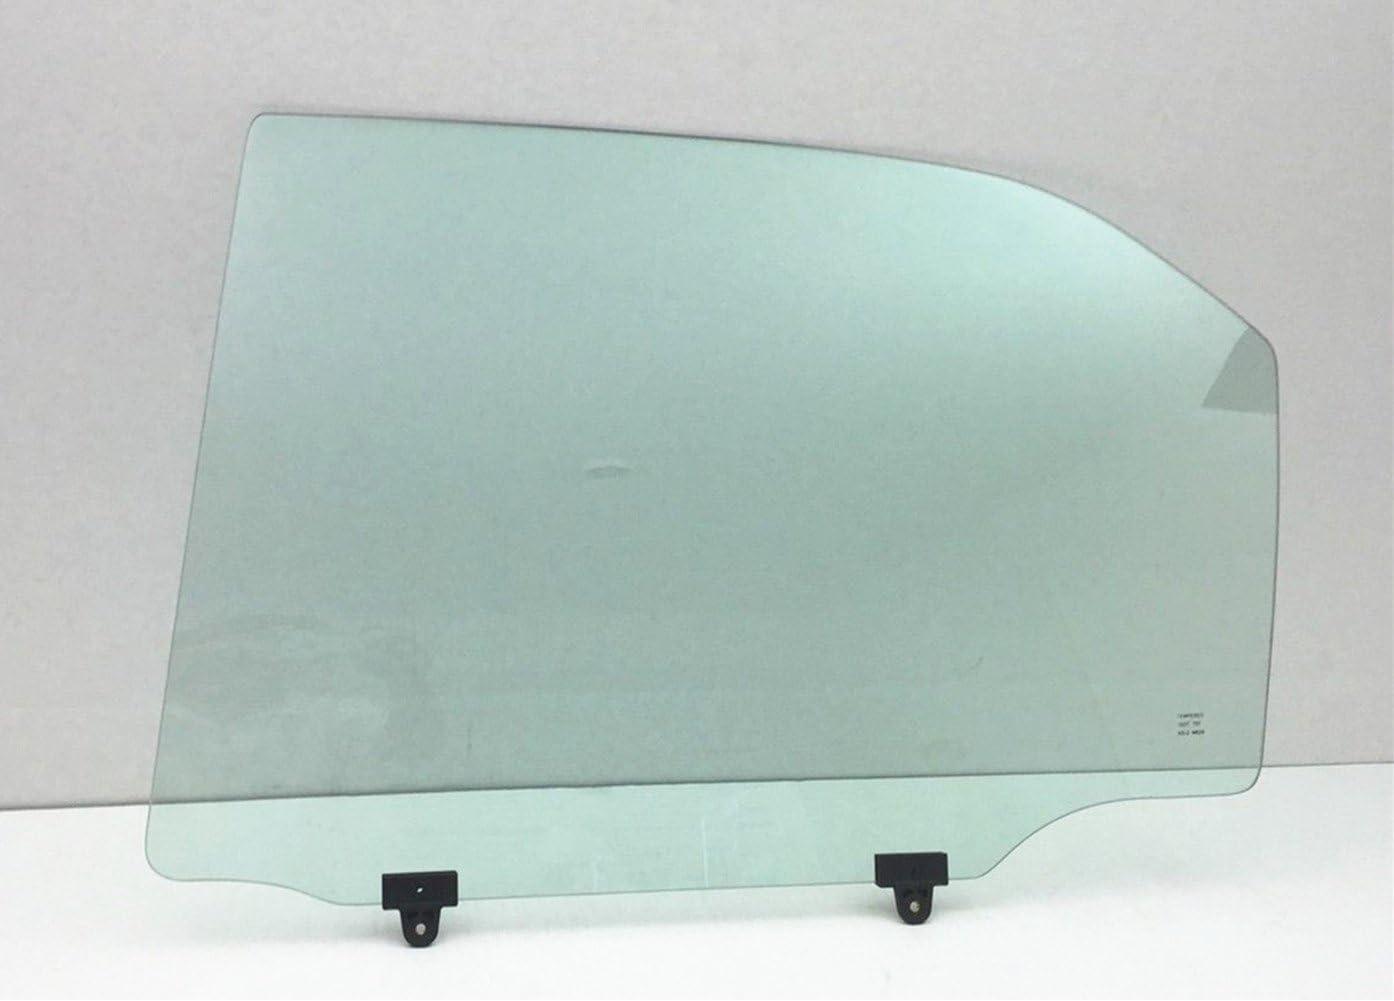 NAGD Compatible with 2001-2005 Honda Civic 4 Door Sedan Passenger Side Right Rear Door Window Glass